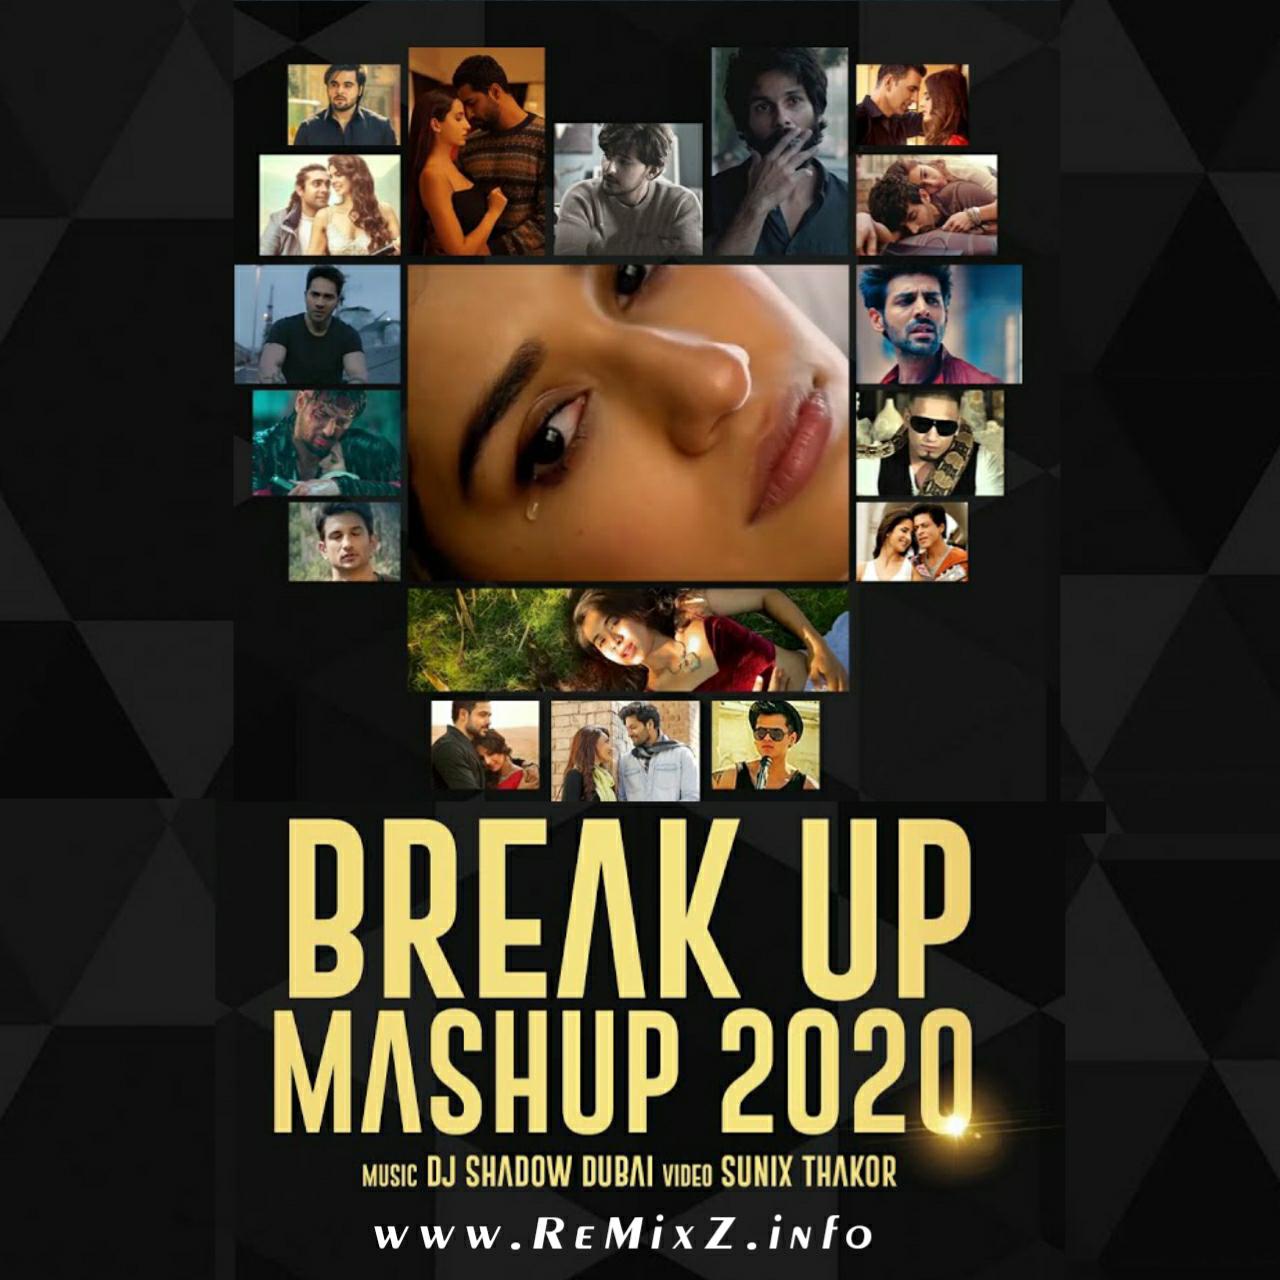 breakup-mashup-2020-dj-shadow-dubai.jpg